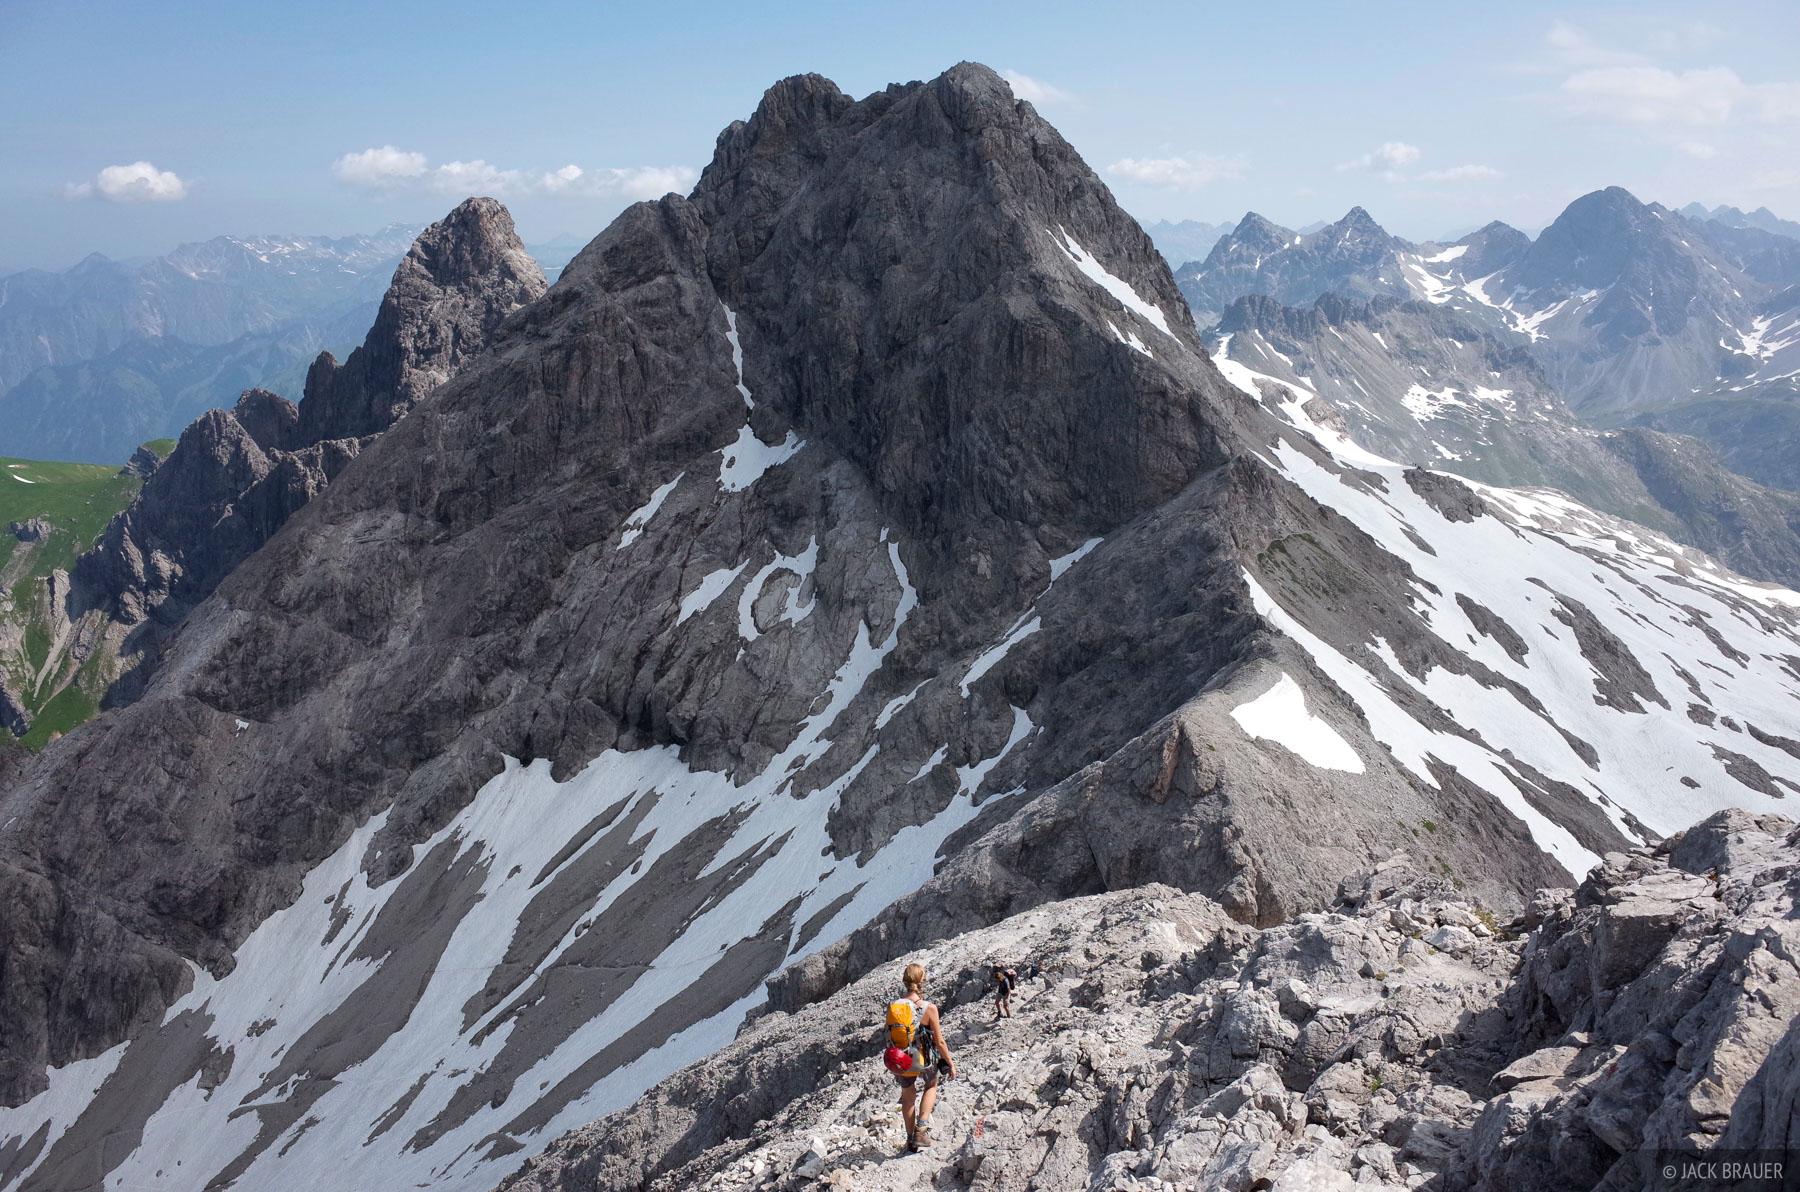 Allgäuer Alps, Germany, Mädelegabel, photo